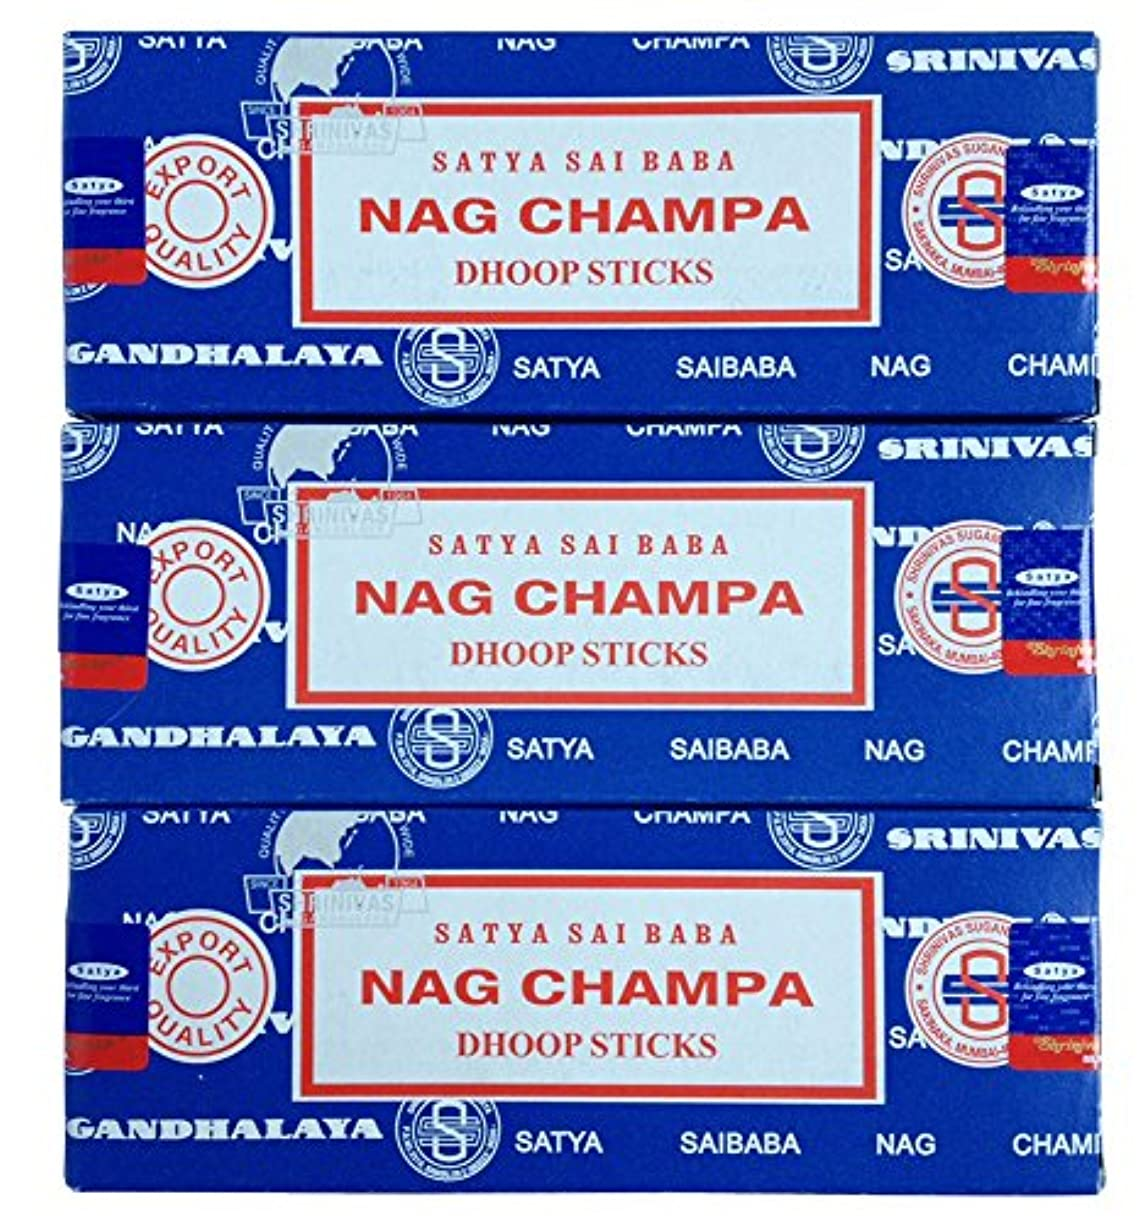 消防士振りかける風味SATYA サイババナグチャンパ ドゥープ香